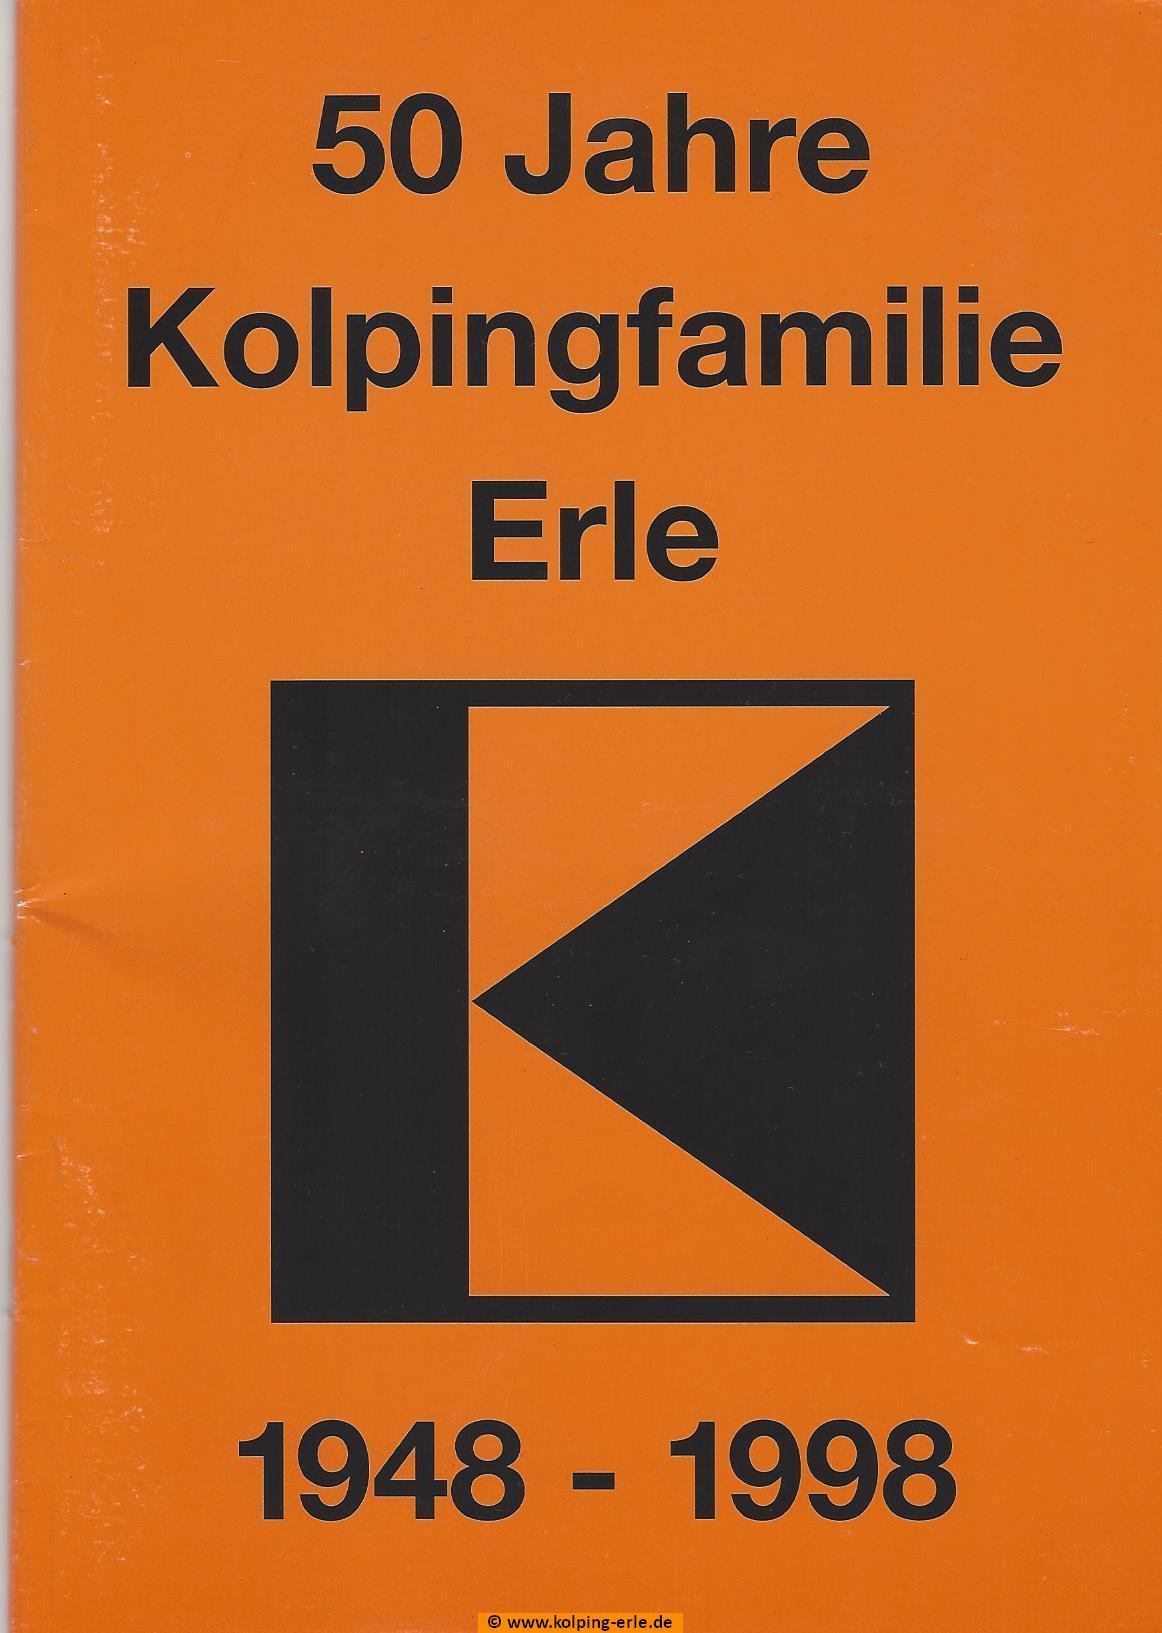 Titelblatt Festschrift 50 Jahre Kolpingfamilie - Erle